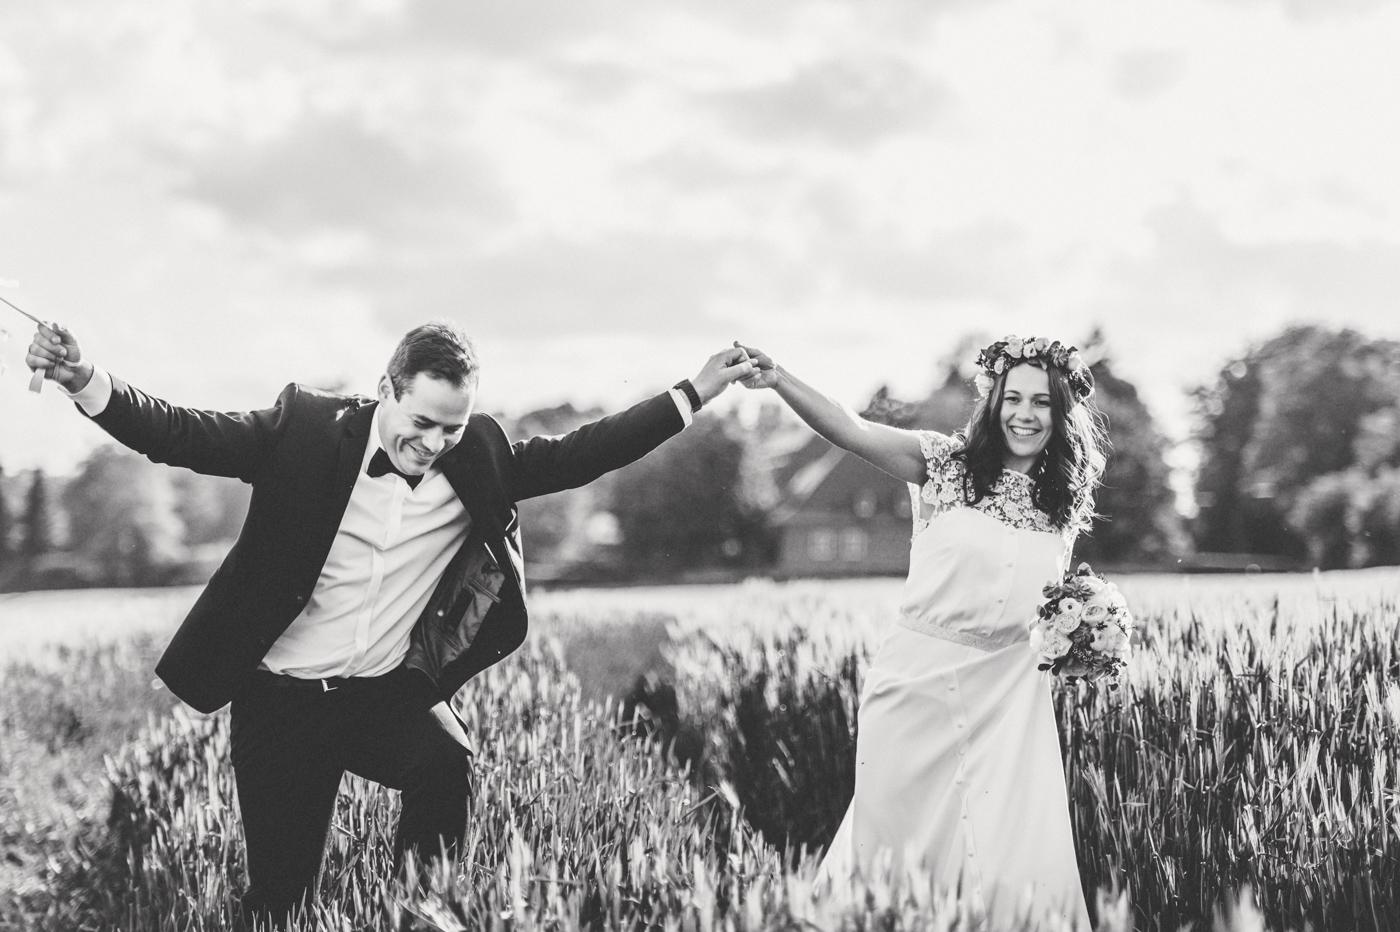 diy-wedding-nothenhof--127